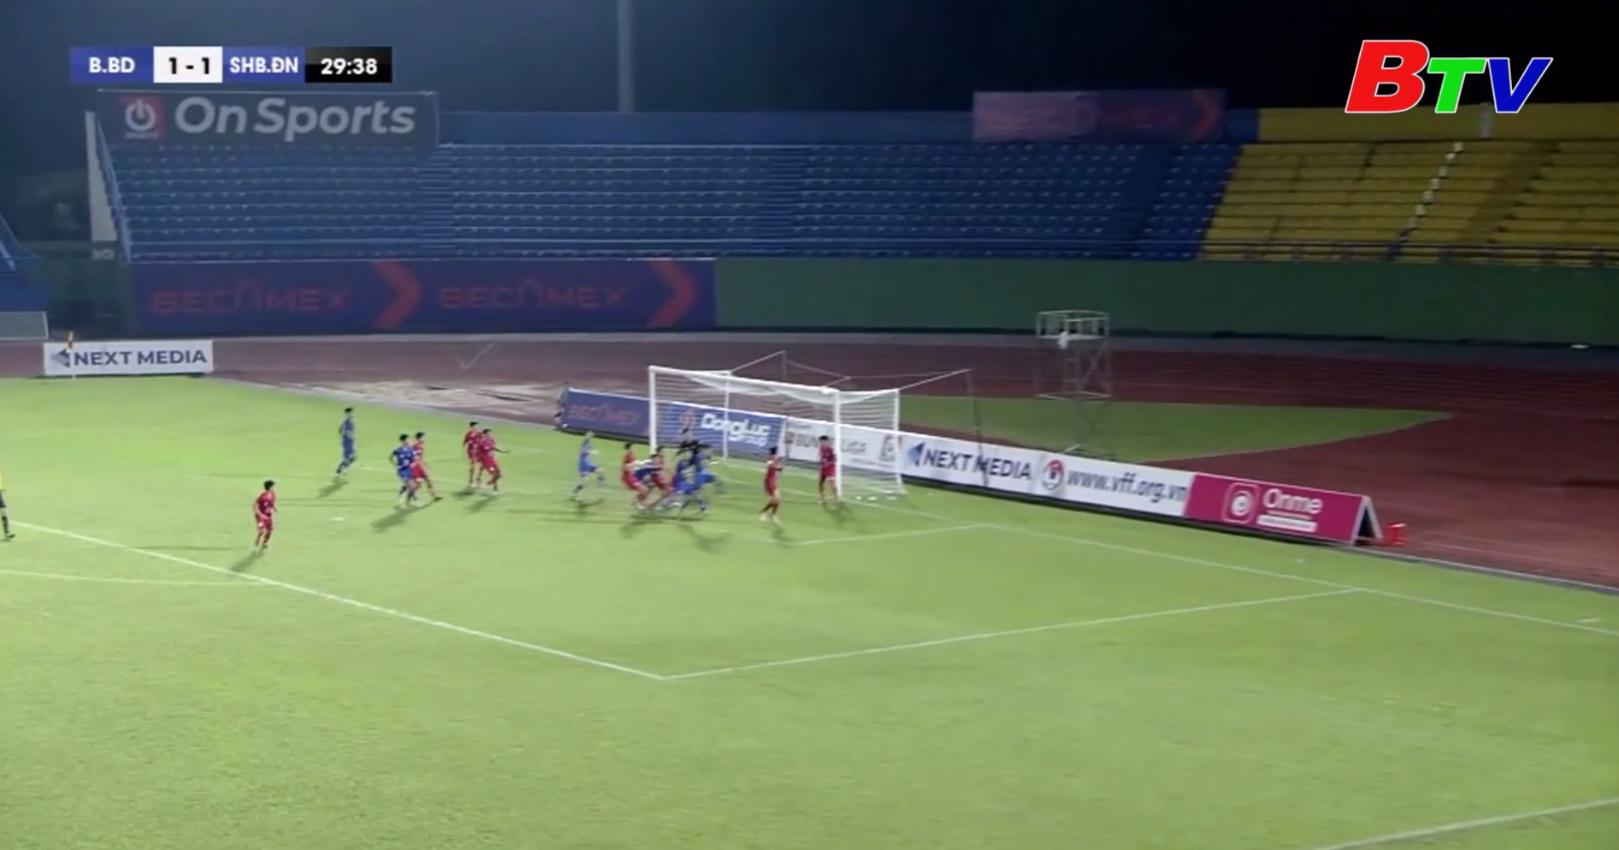 Giải vô địch U15 Quốc gia - Next Media 2020 – PVF và SHB Đà Nẵng gặp nhau ở chung kết